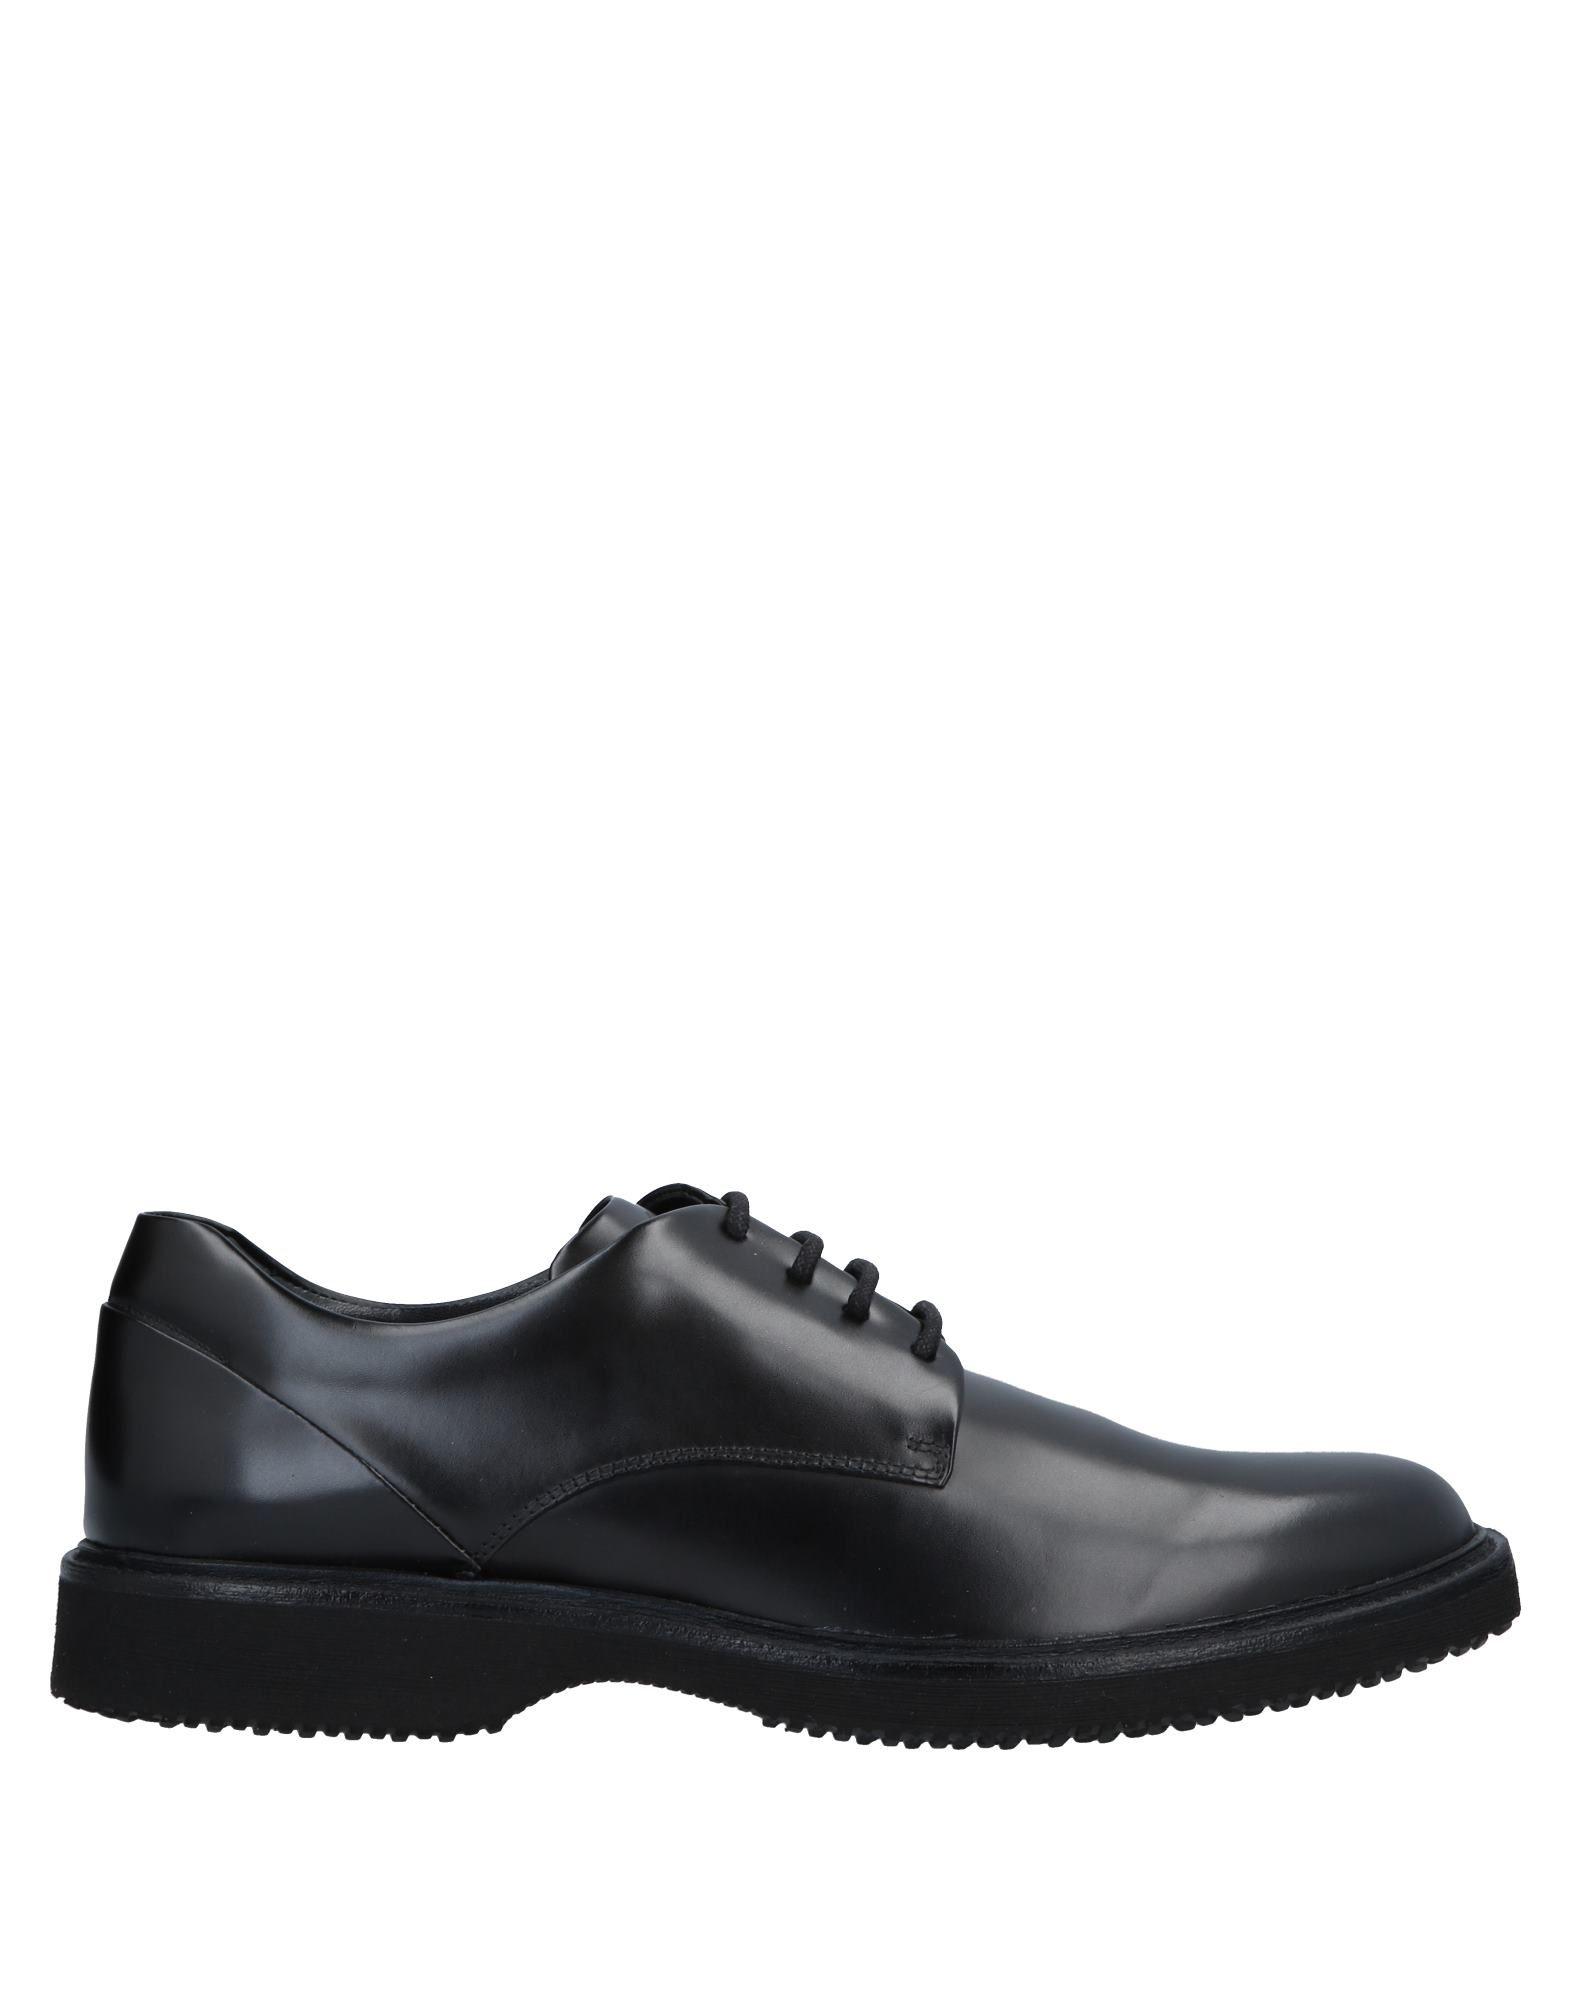 Hogan Schnürschuhe Herren  11559961TR Gute Qualität beliebte Schuhe